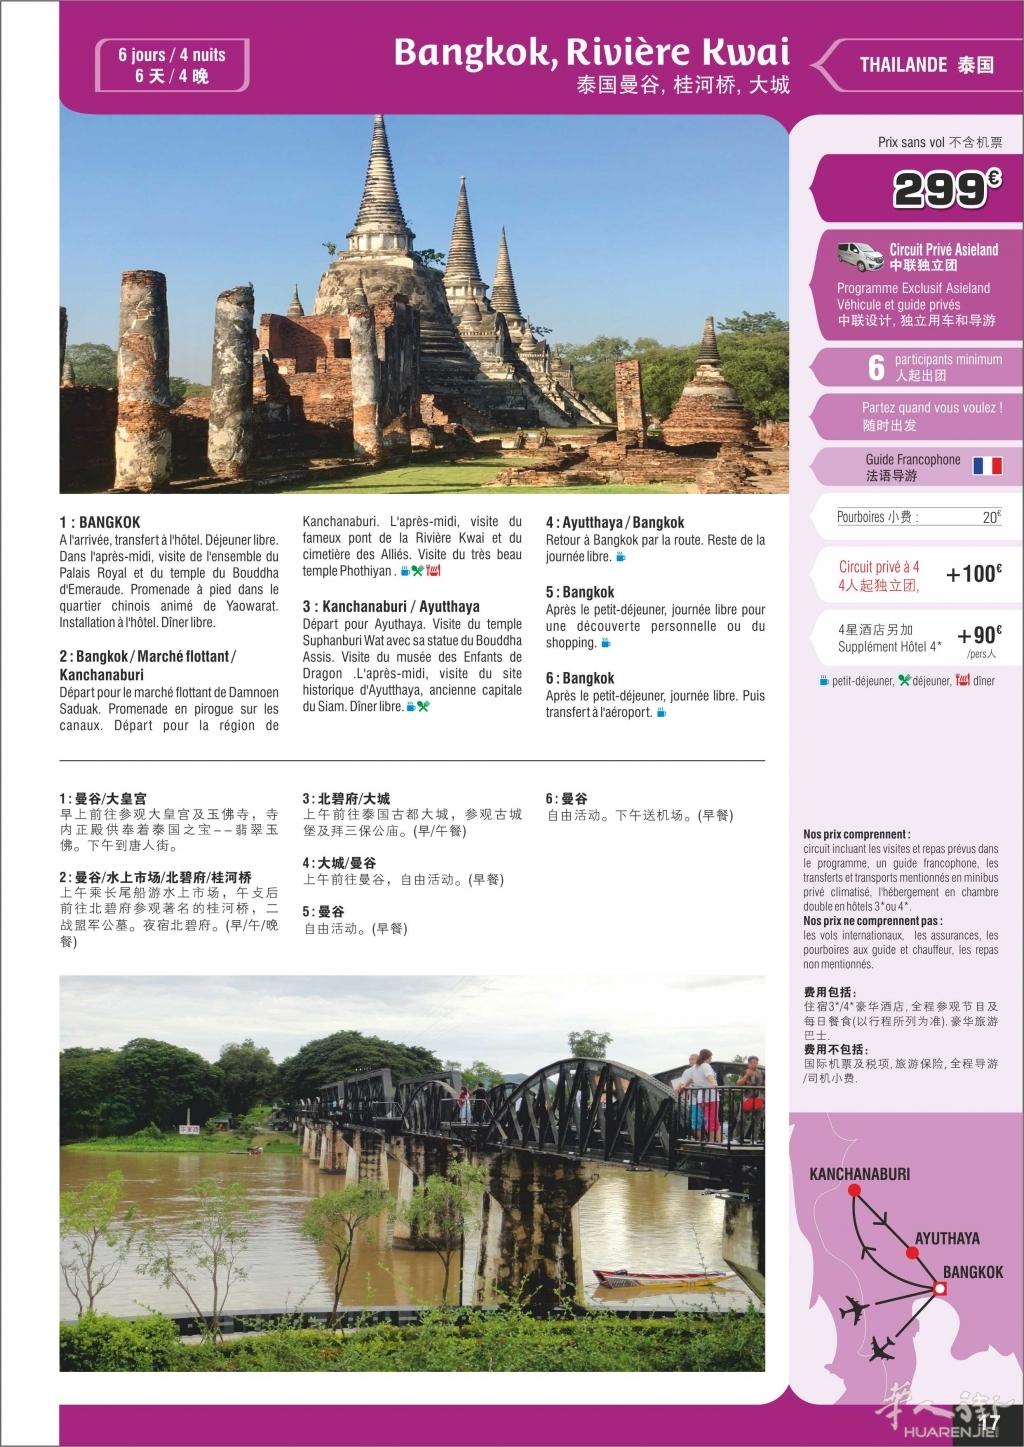 p17-Bangkok-River Kwai 6 jours-v06.jpg